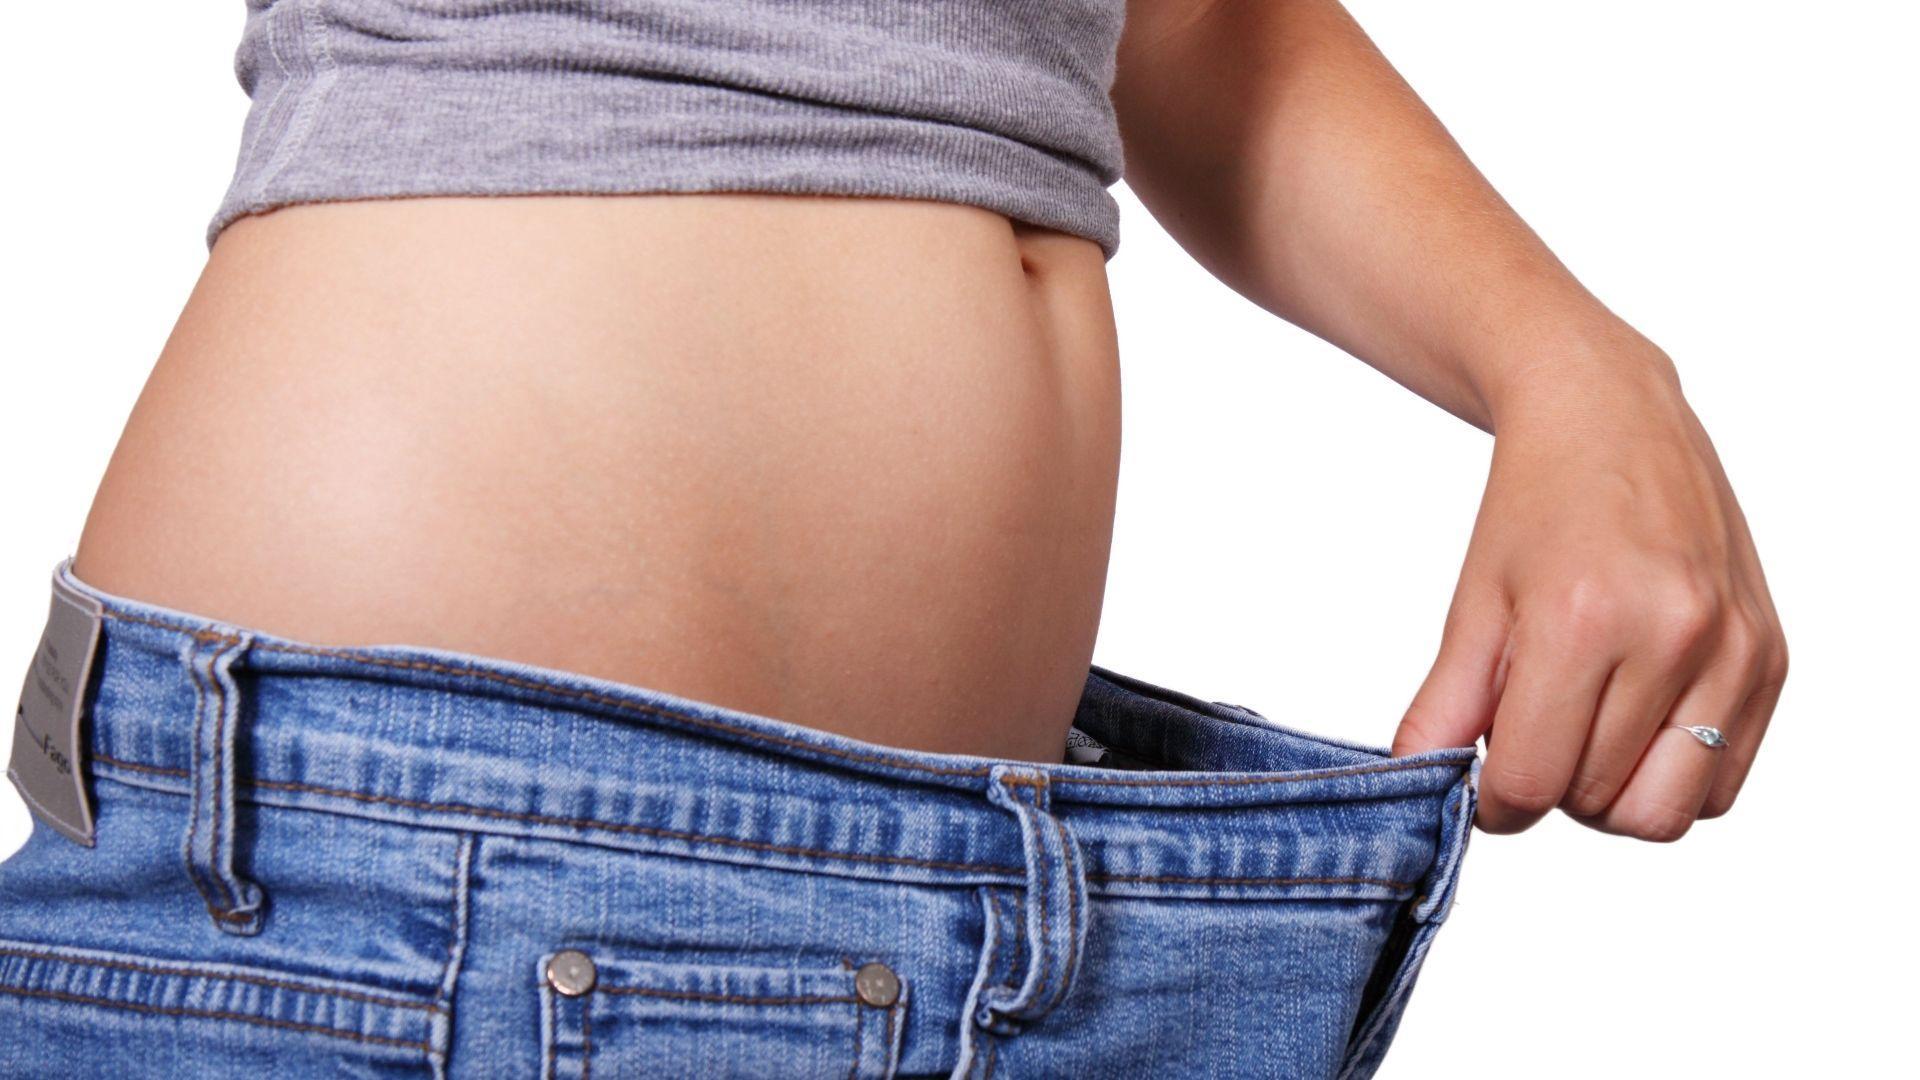 Найден фермент, который охраняет запасы жира и не даёт похудеть